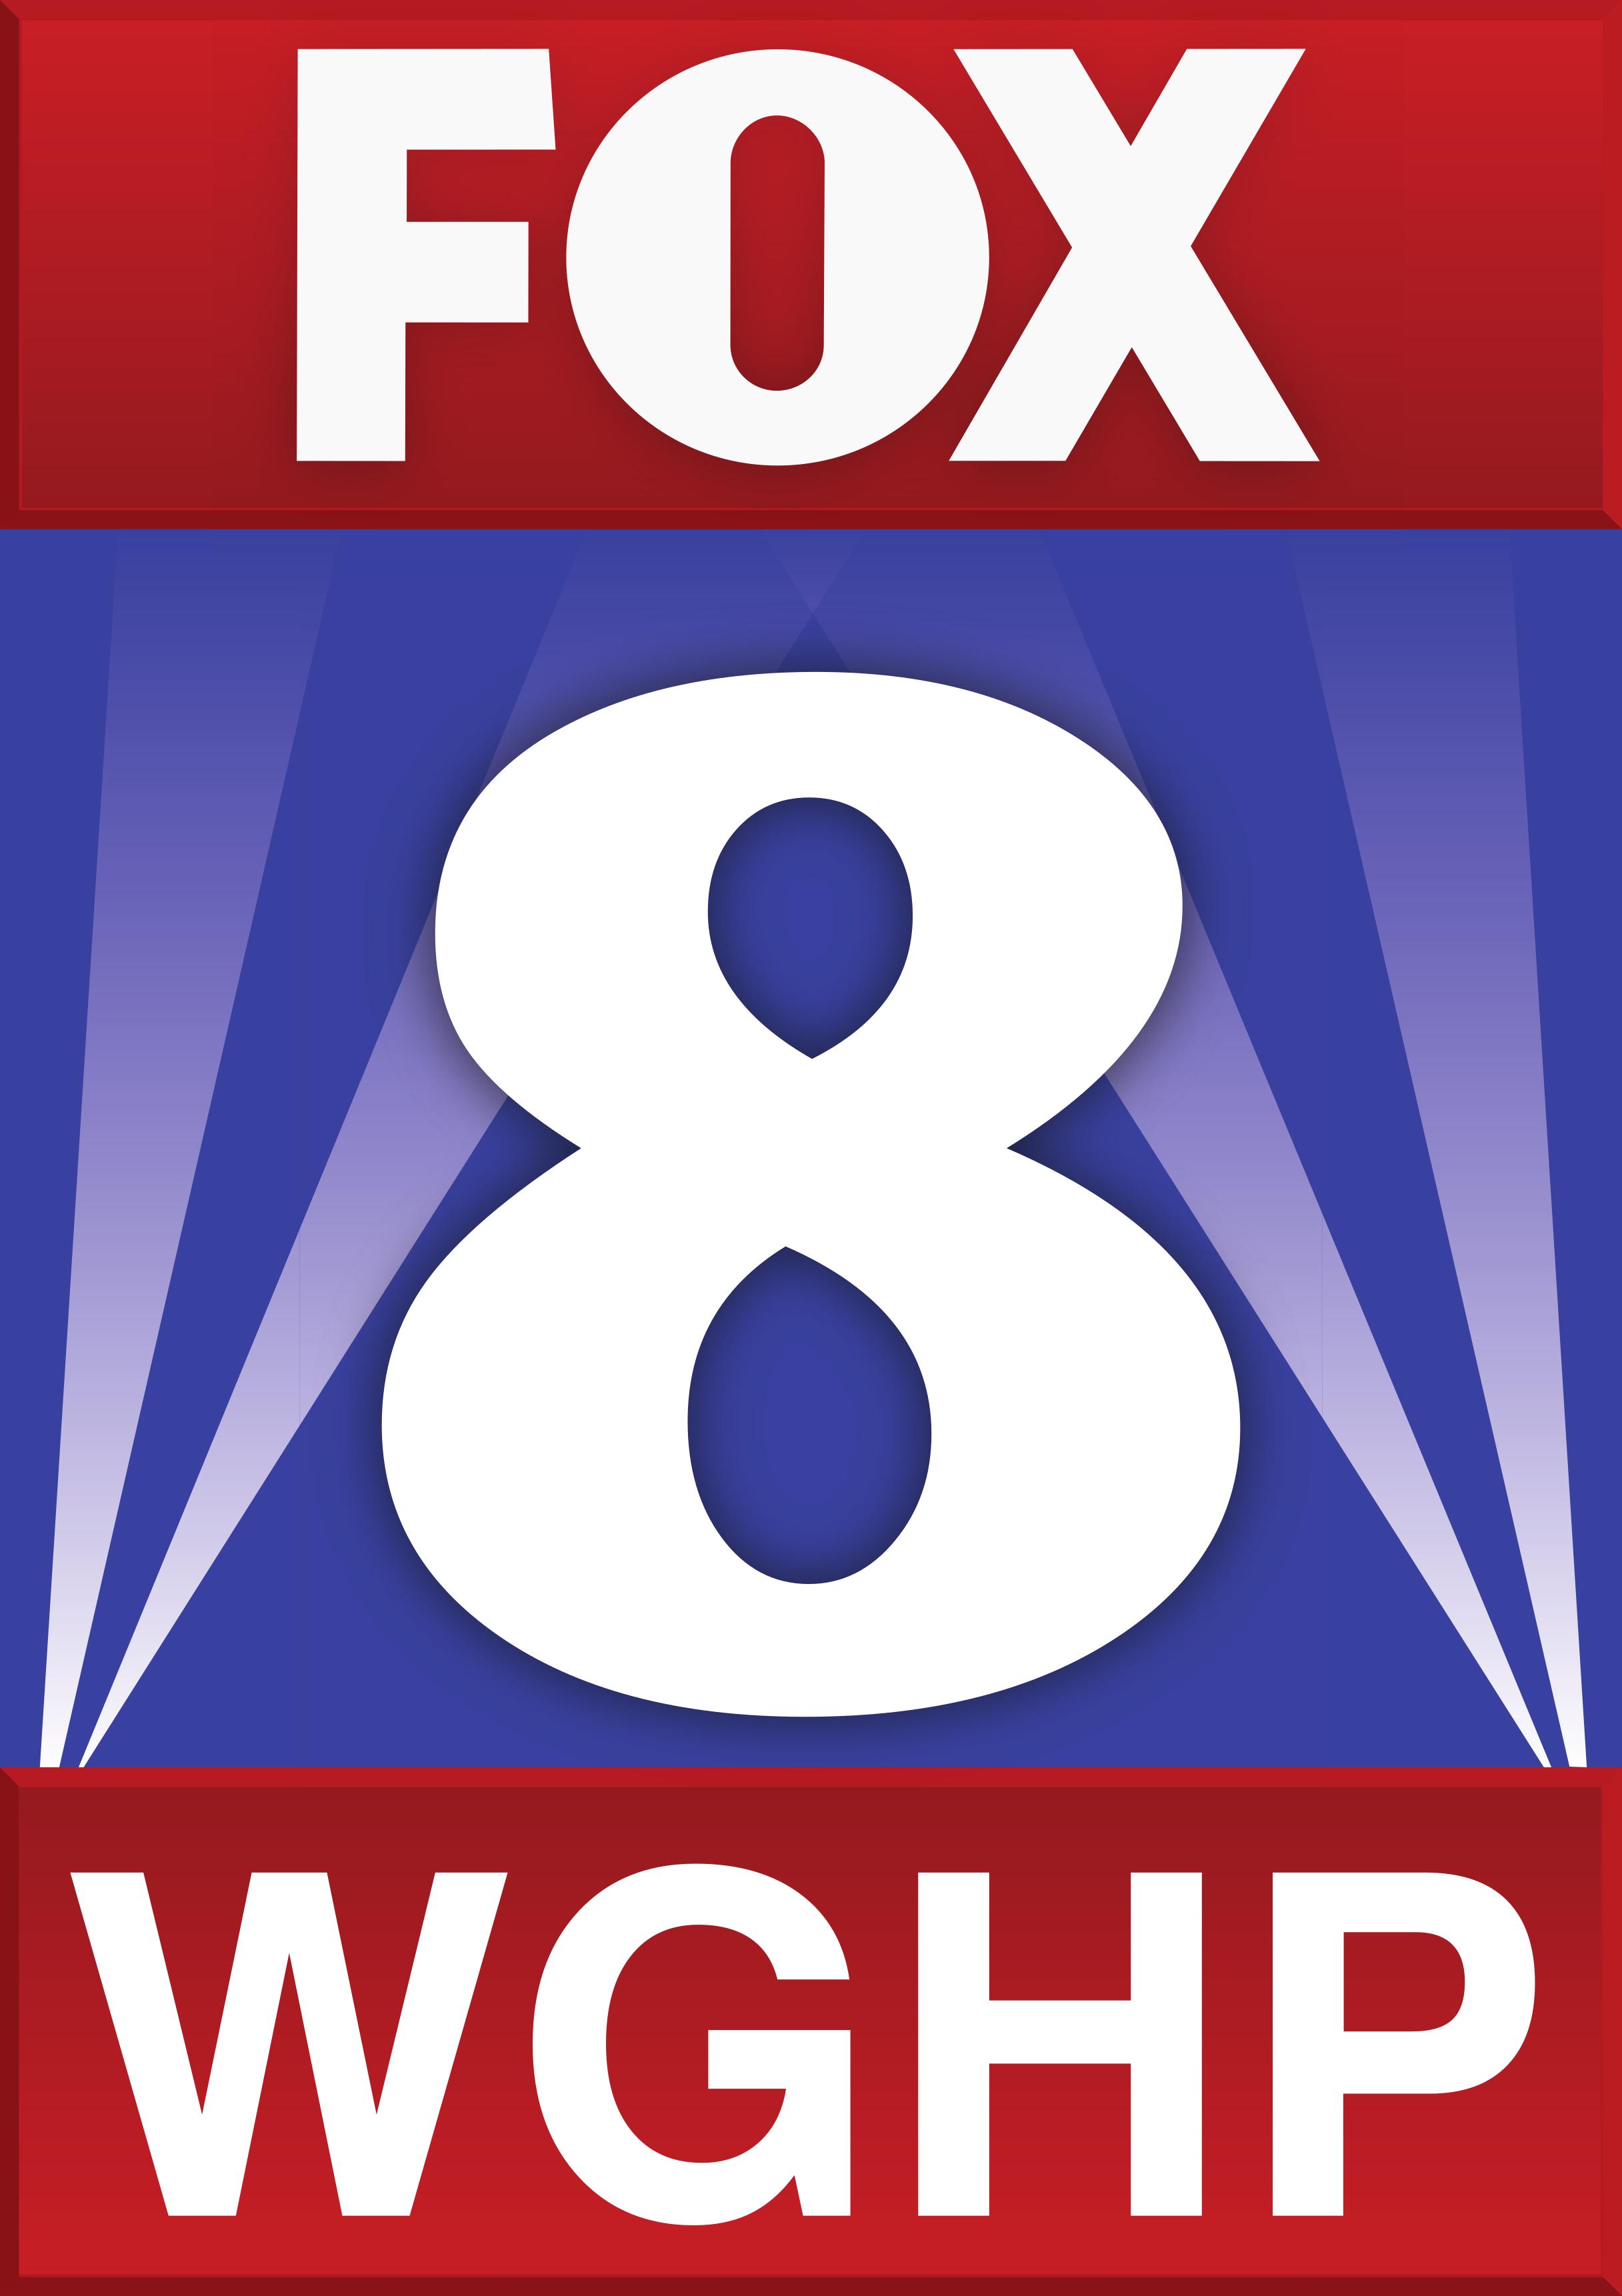 WGHP - Fox 8